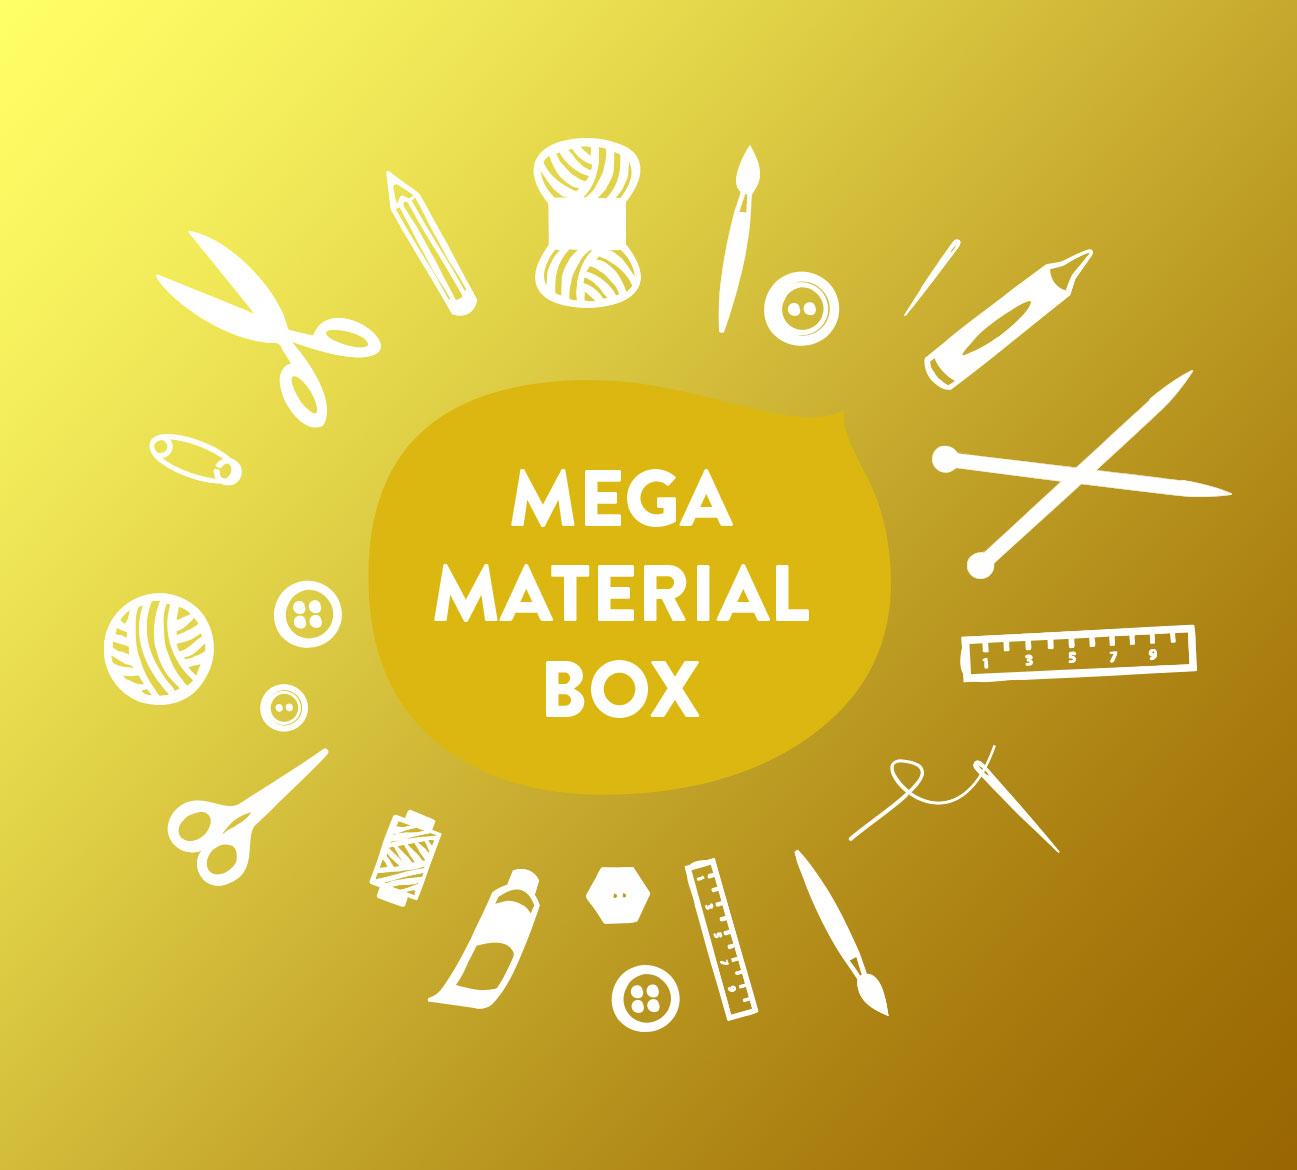 Mega-Materialbox